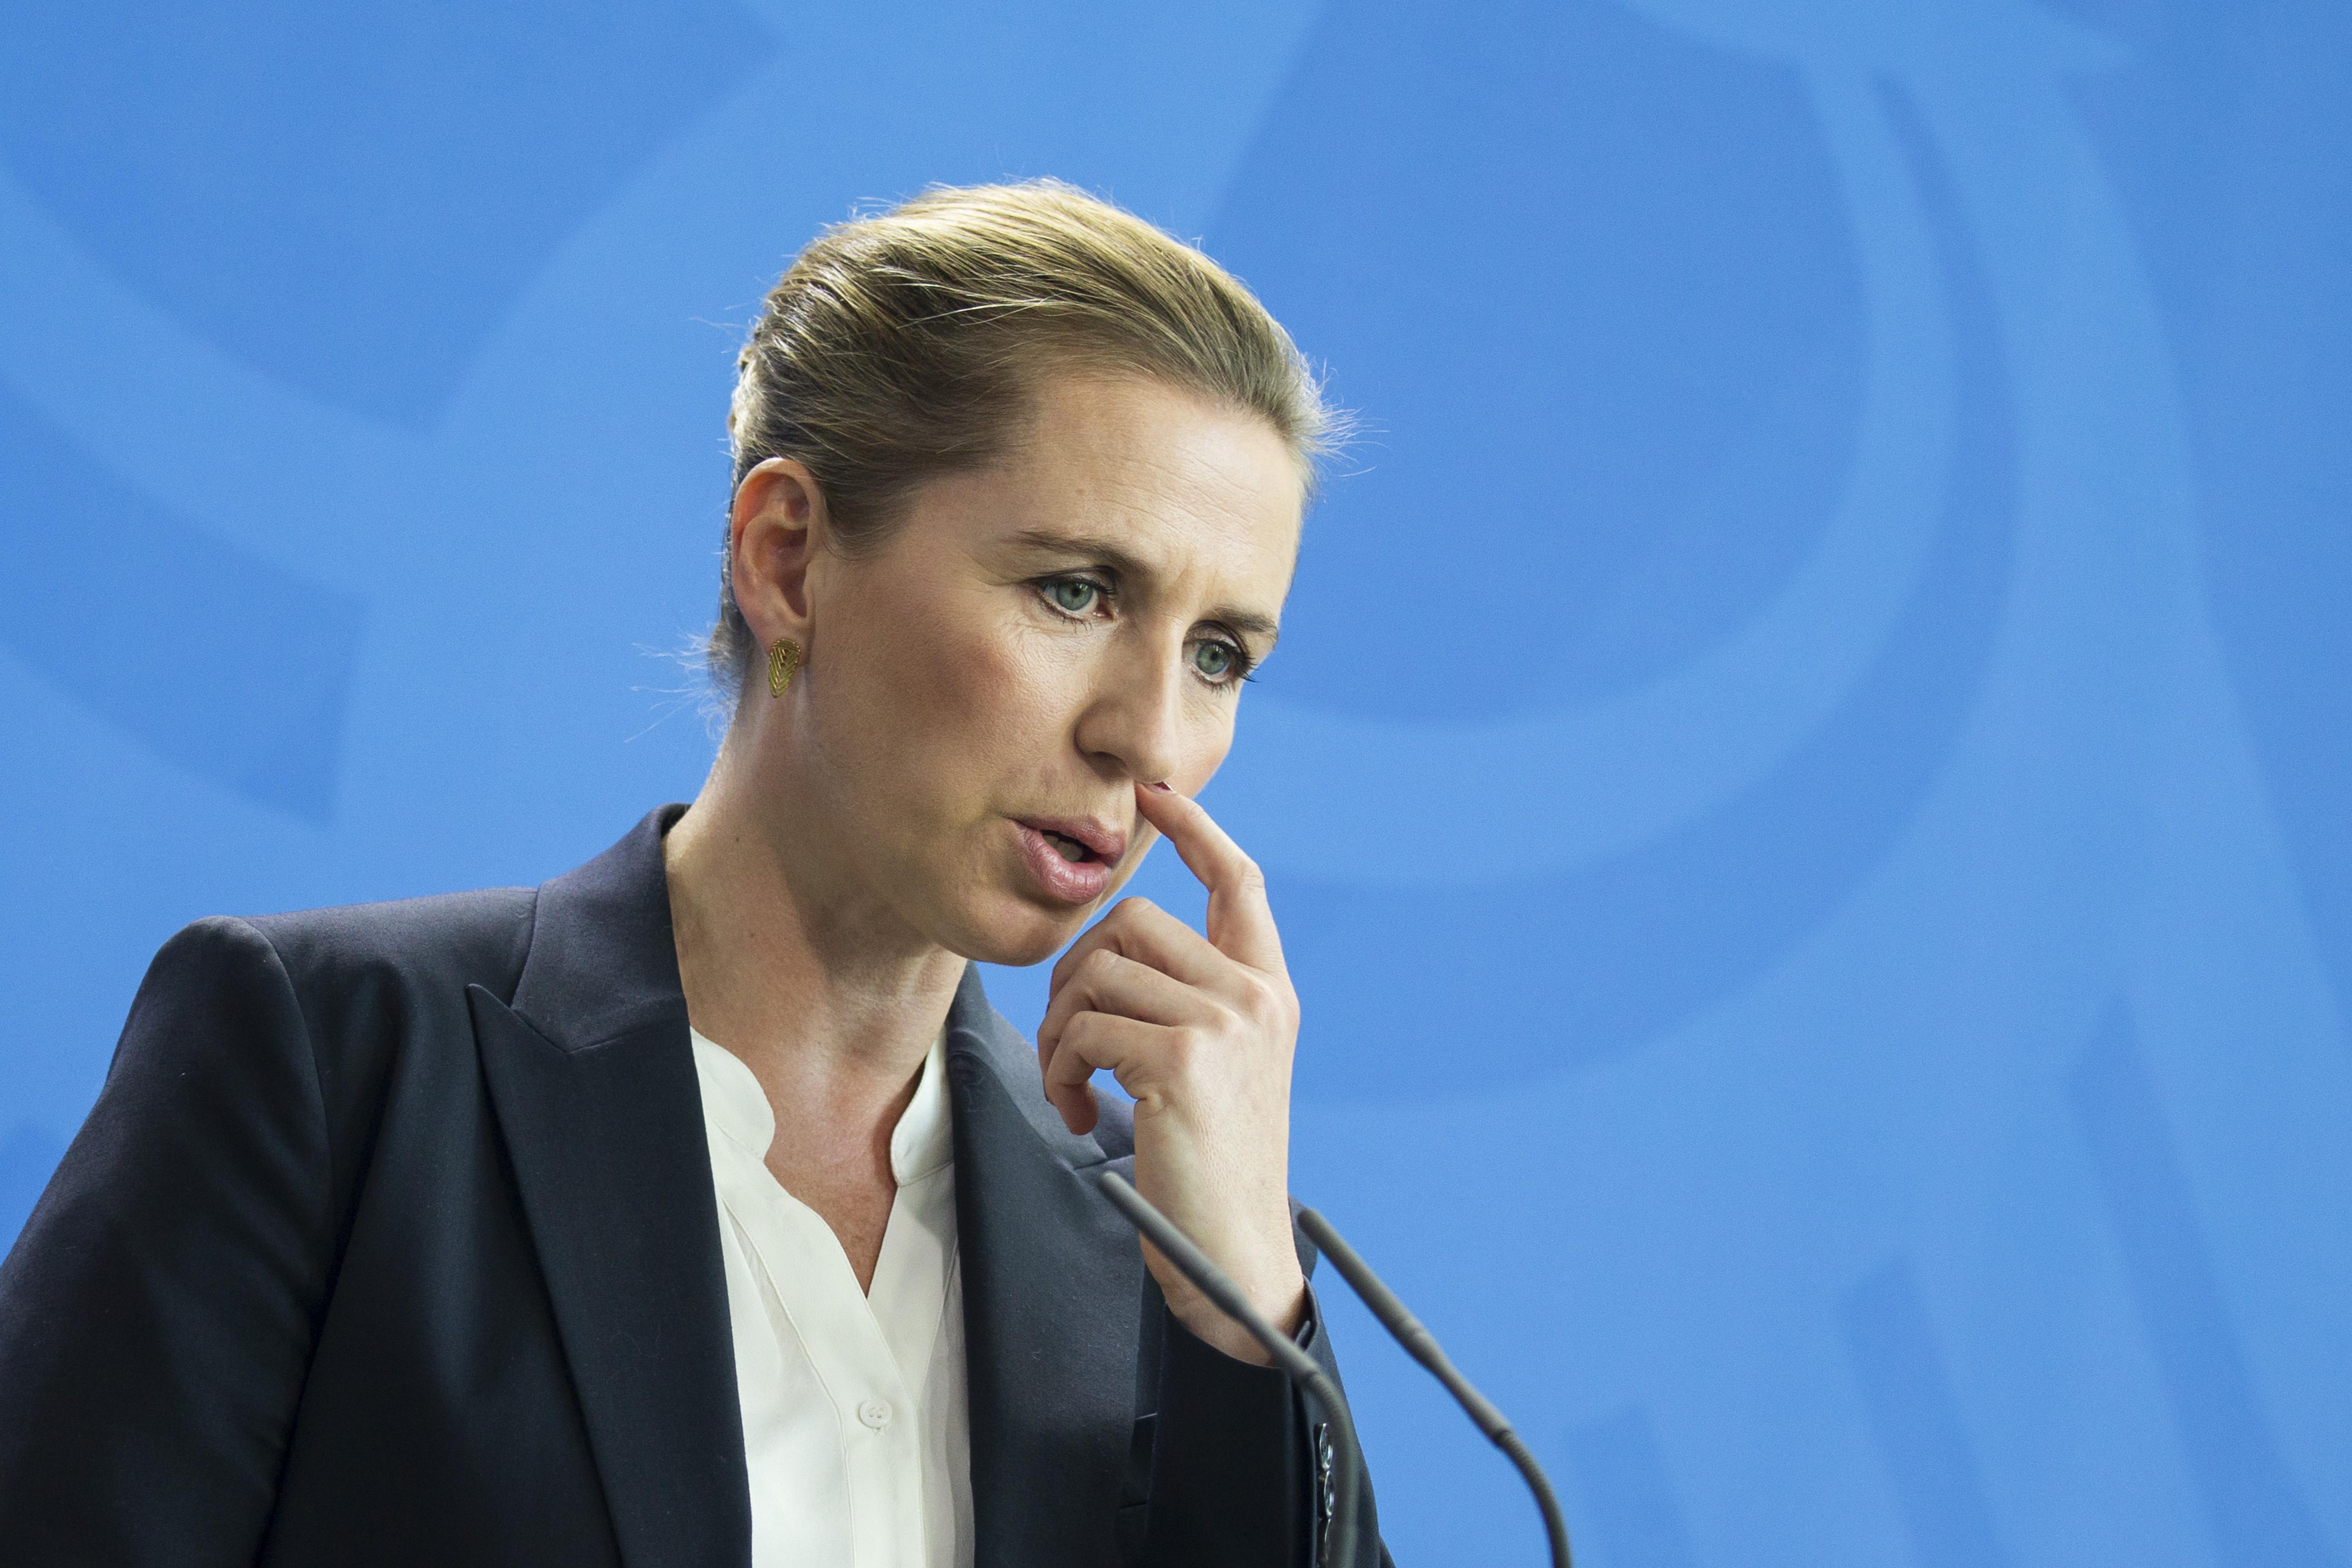 Dánia megvonja az állampolgárságot azoktól a kettős állampolgároktól, akik a Közel-Keleten harcolnak